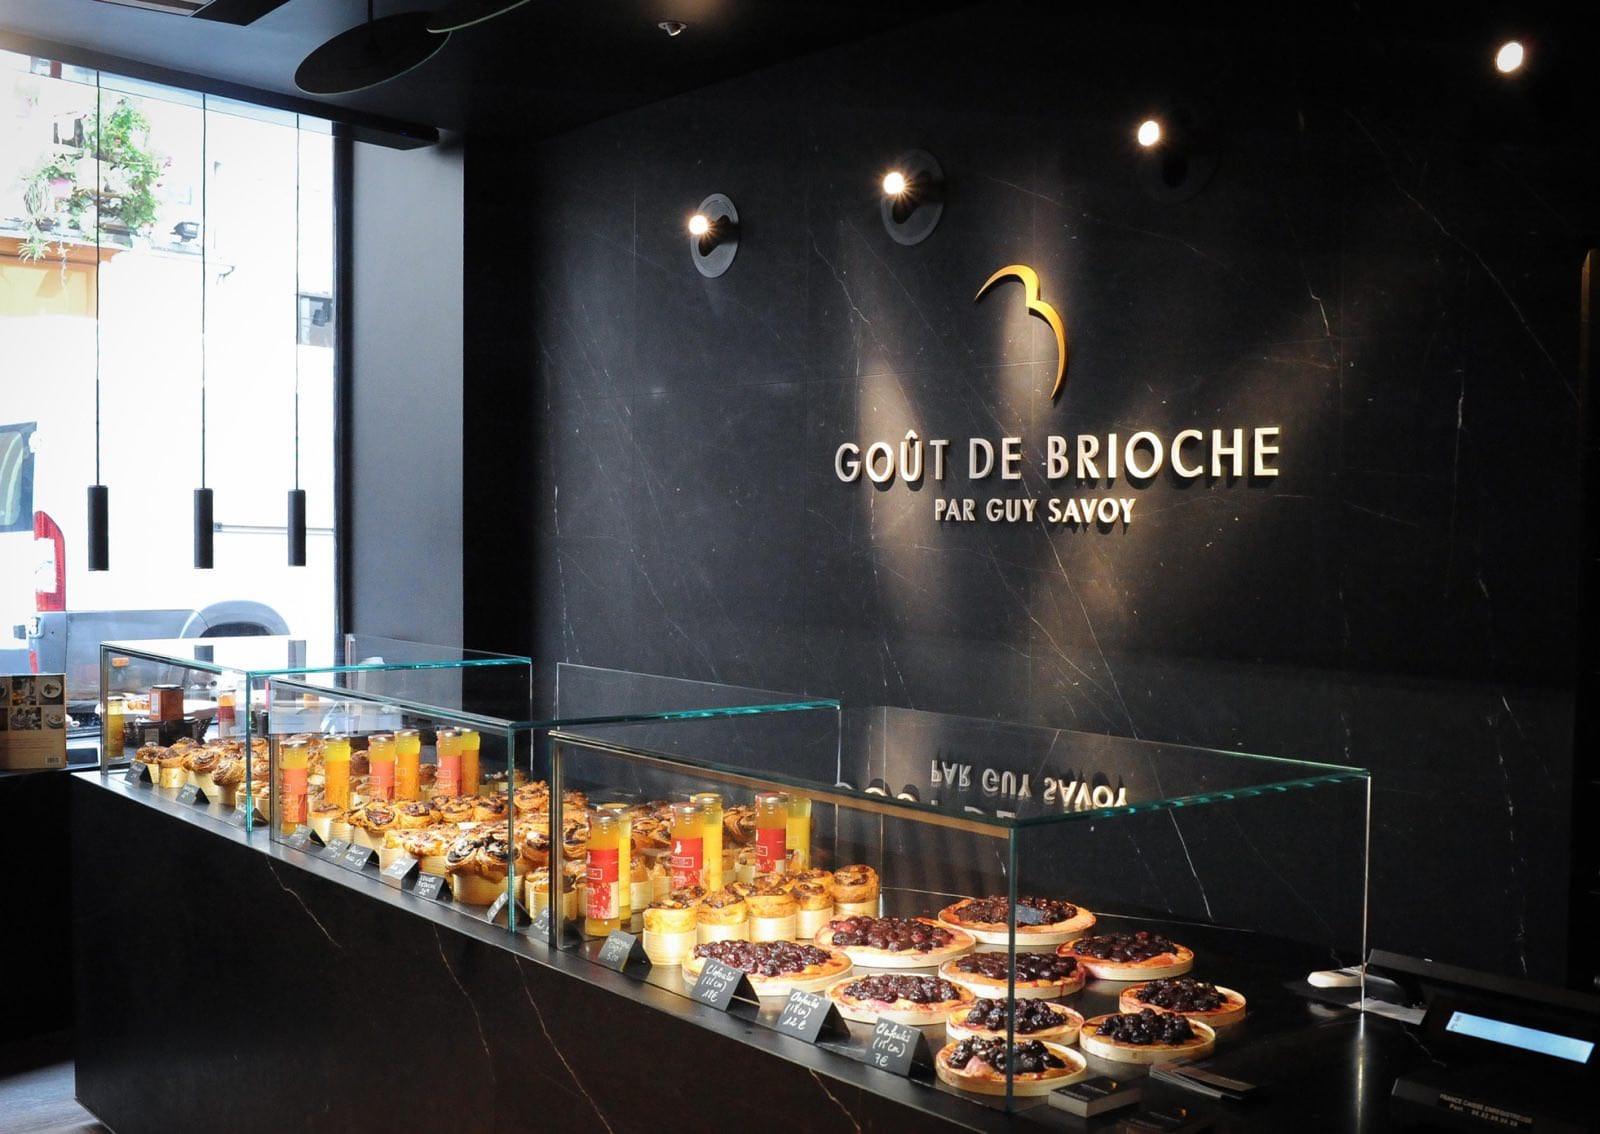 OuiPlease OuiBlog Gout de Brioche Par Guy Savoy Paris France